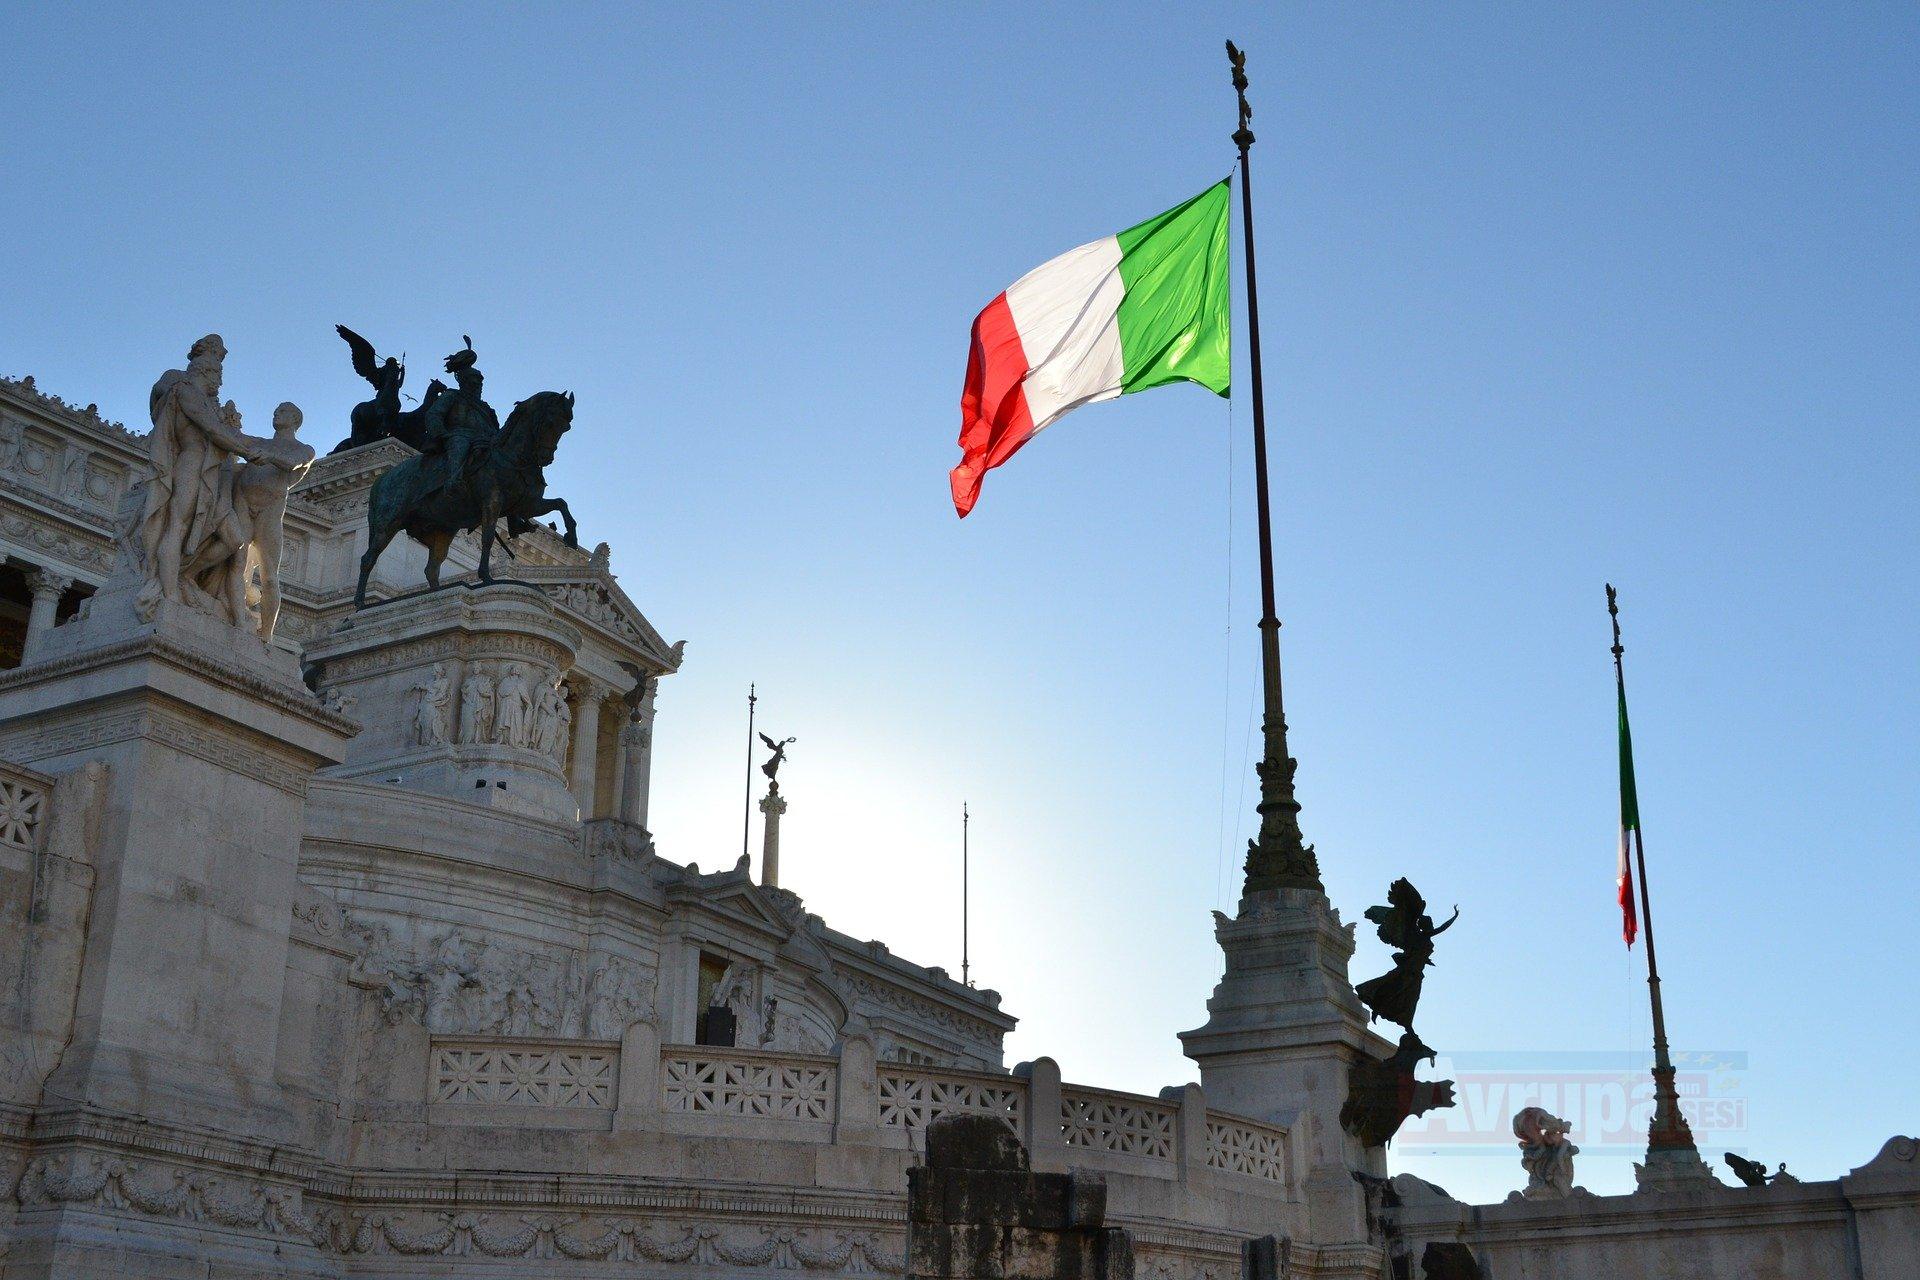 İtalya'da düzensiz göçmen krizi çözüldü